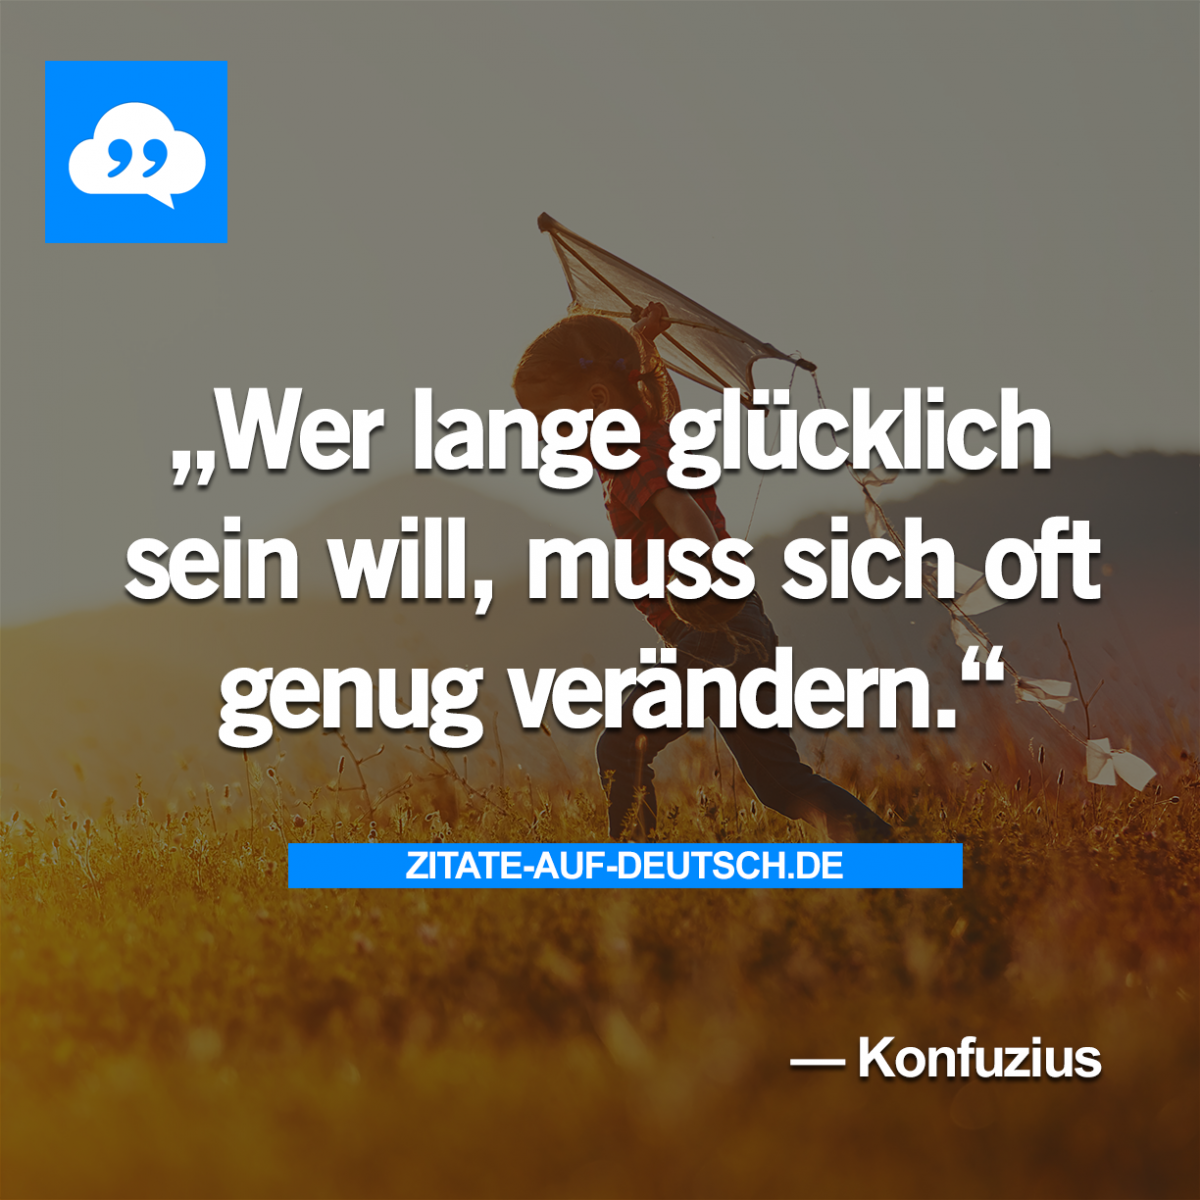 konfuzius sprüche Glücklich, #Spruch, #Sprüche, #Veränderung, #WhatsAppStatus  konfuzius sprüche